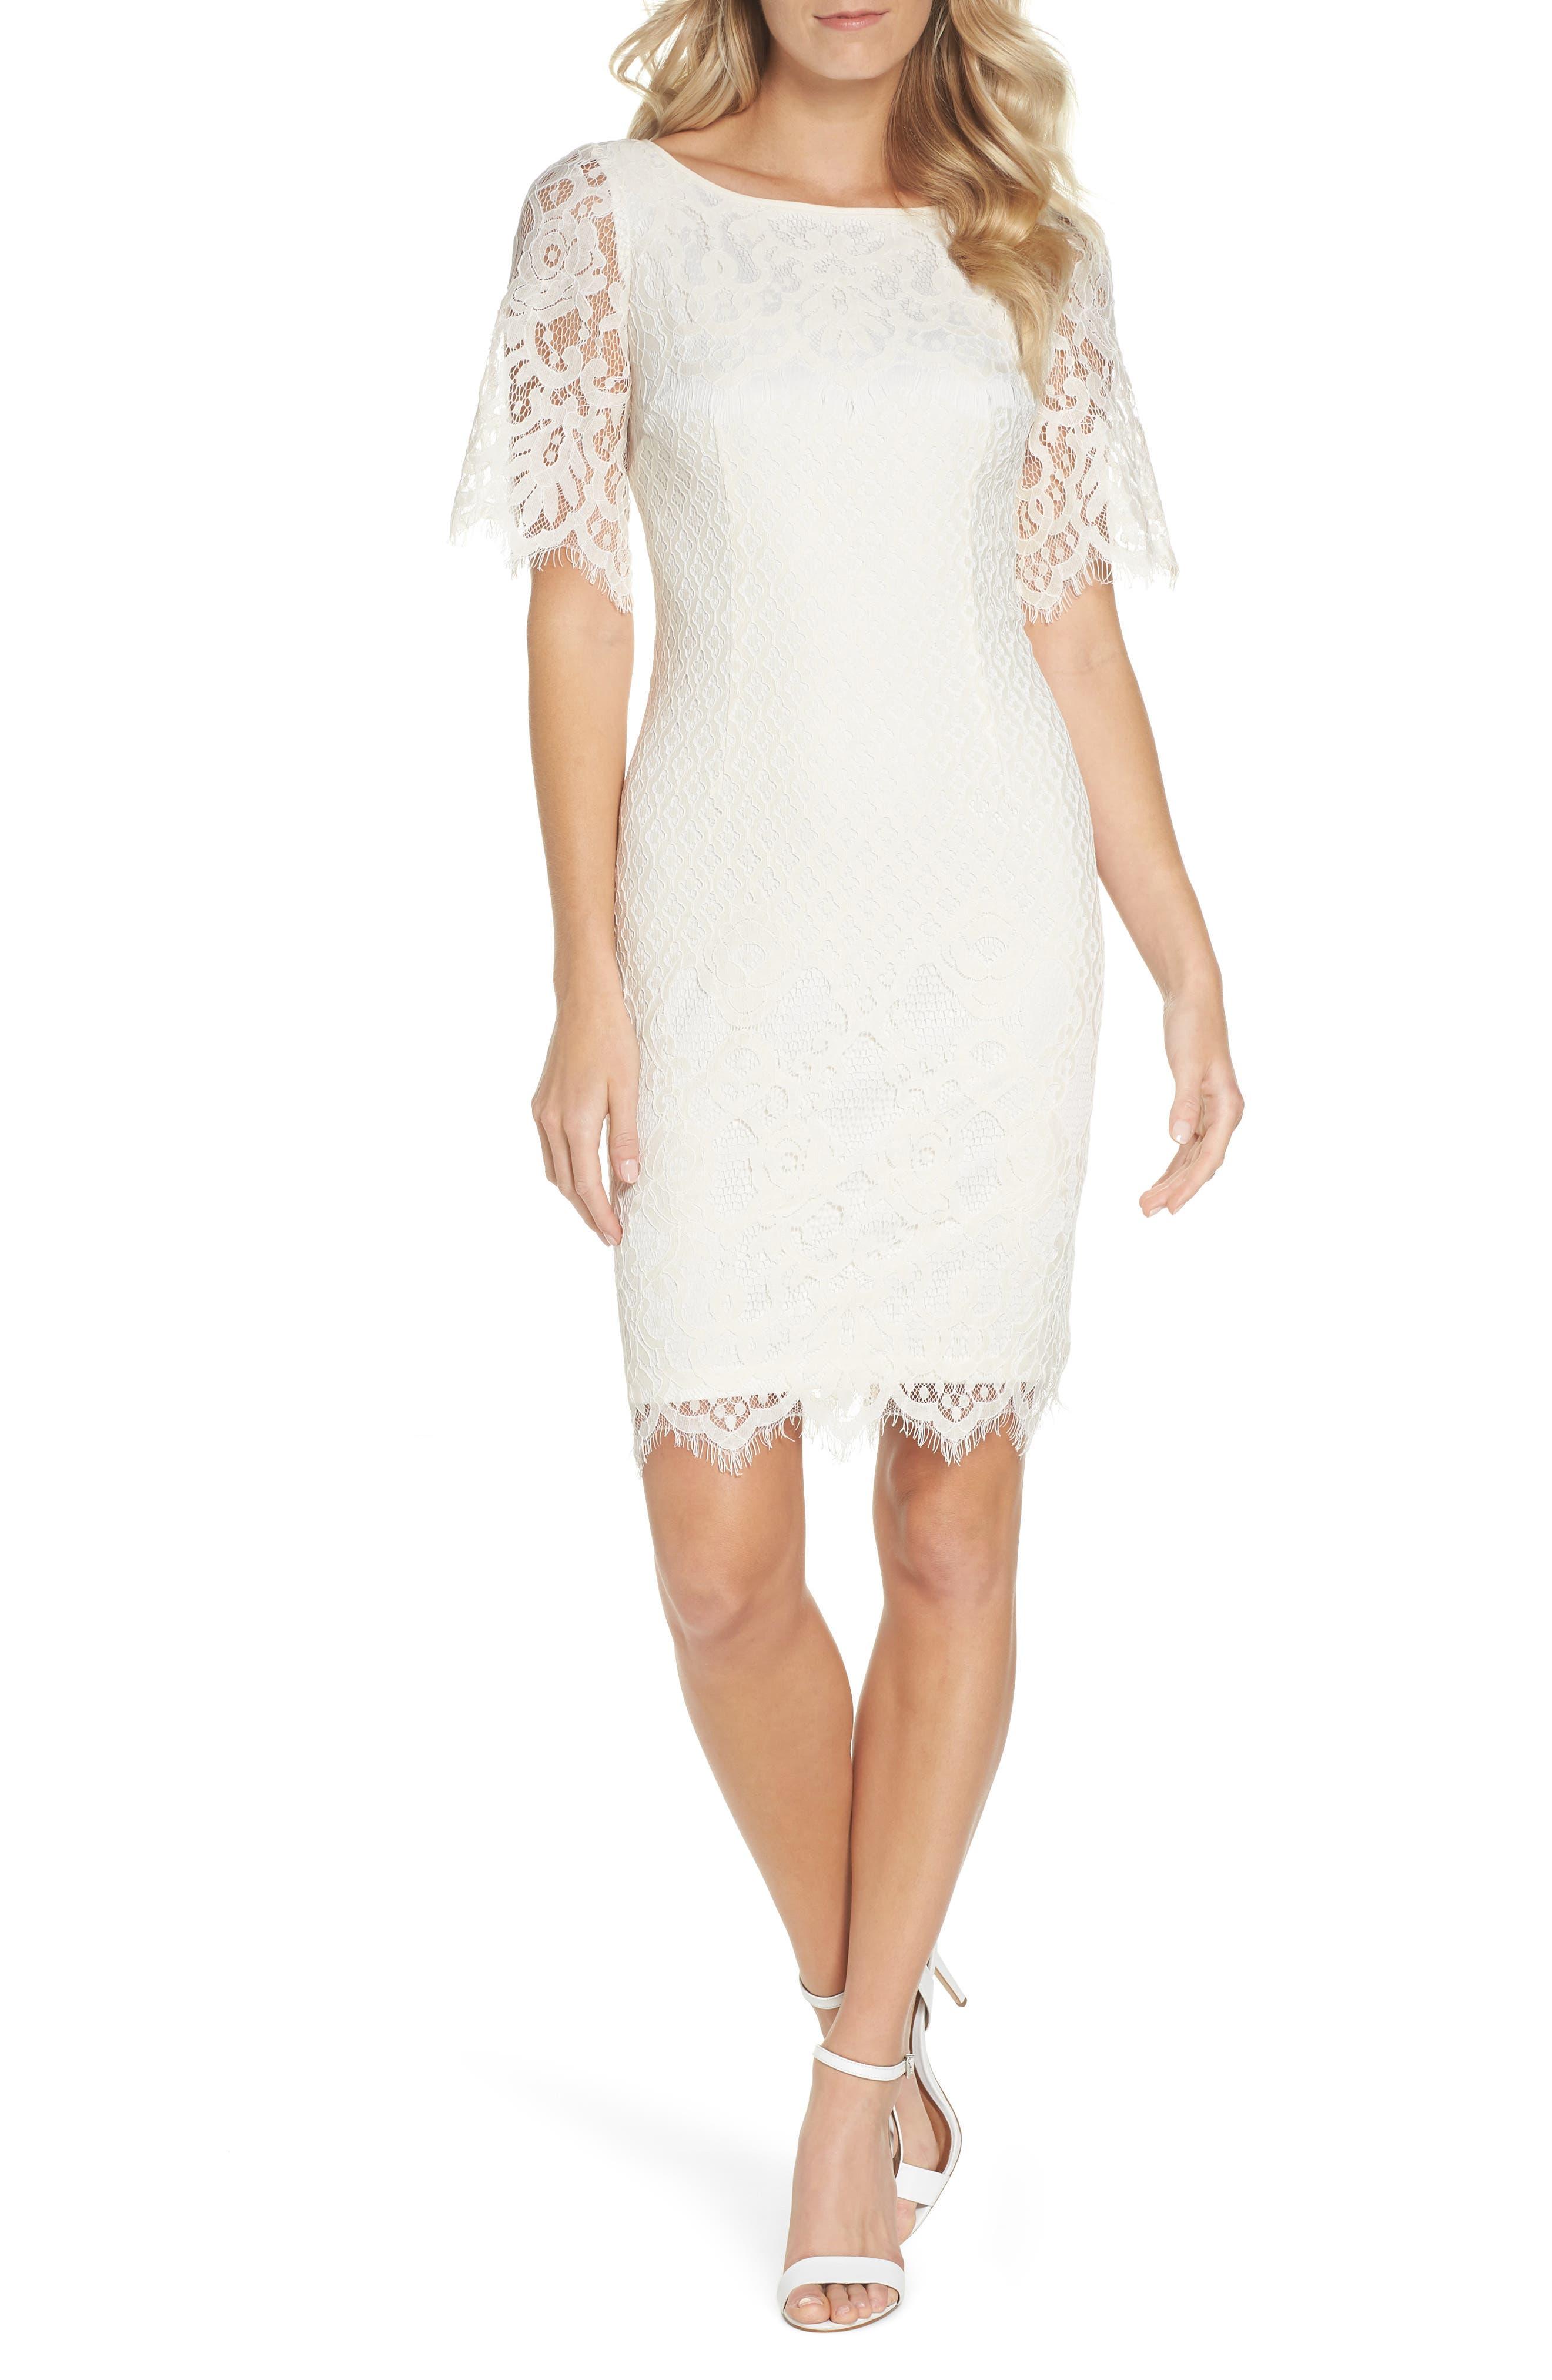 Georgia Scalloped Lace Sheath Dress,                         Main,                         color, 904